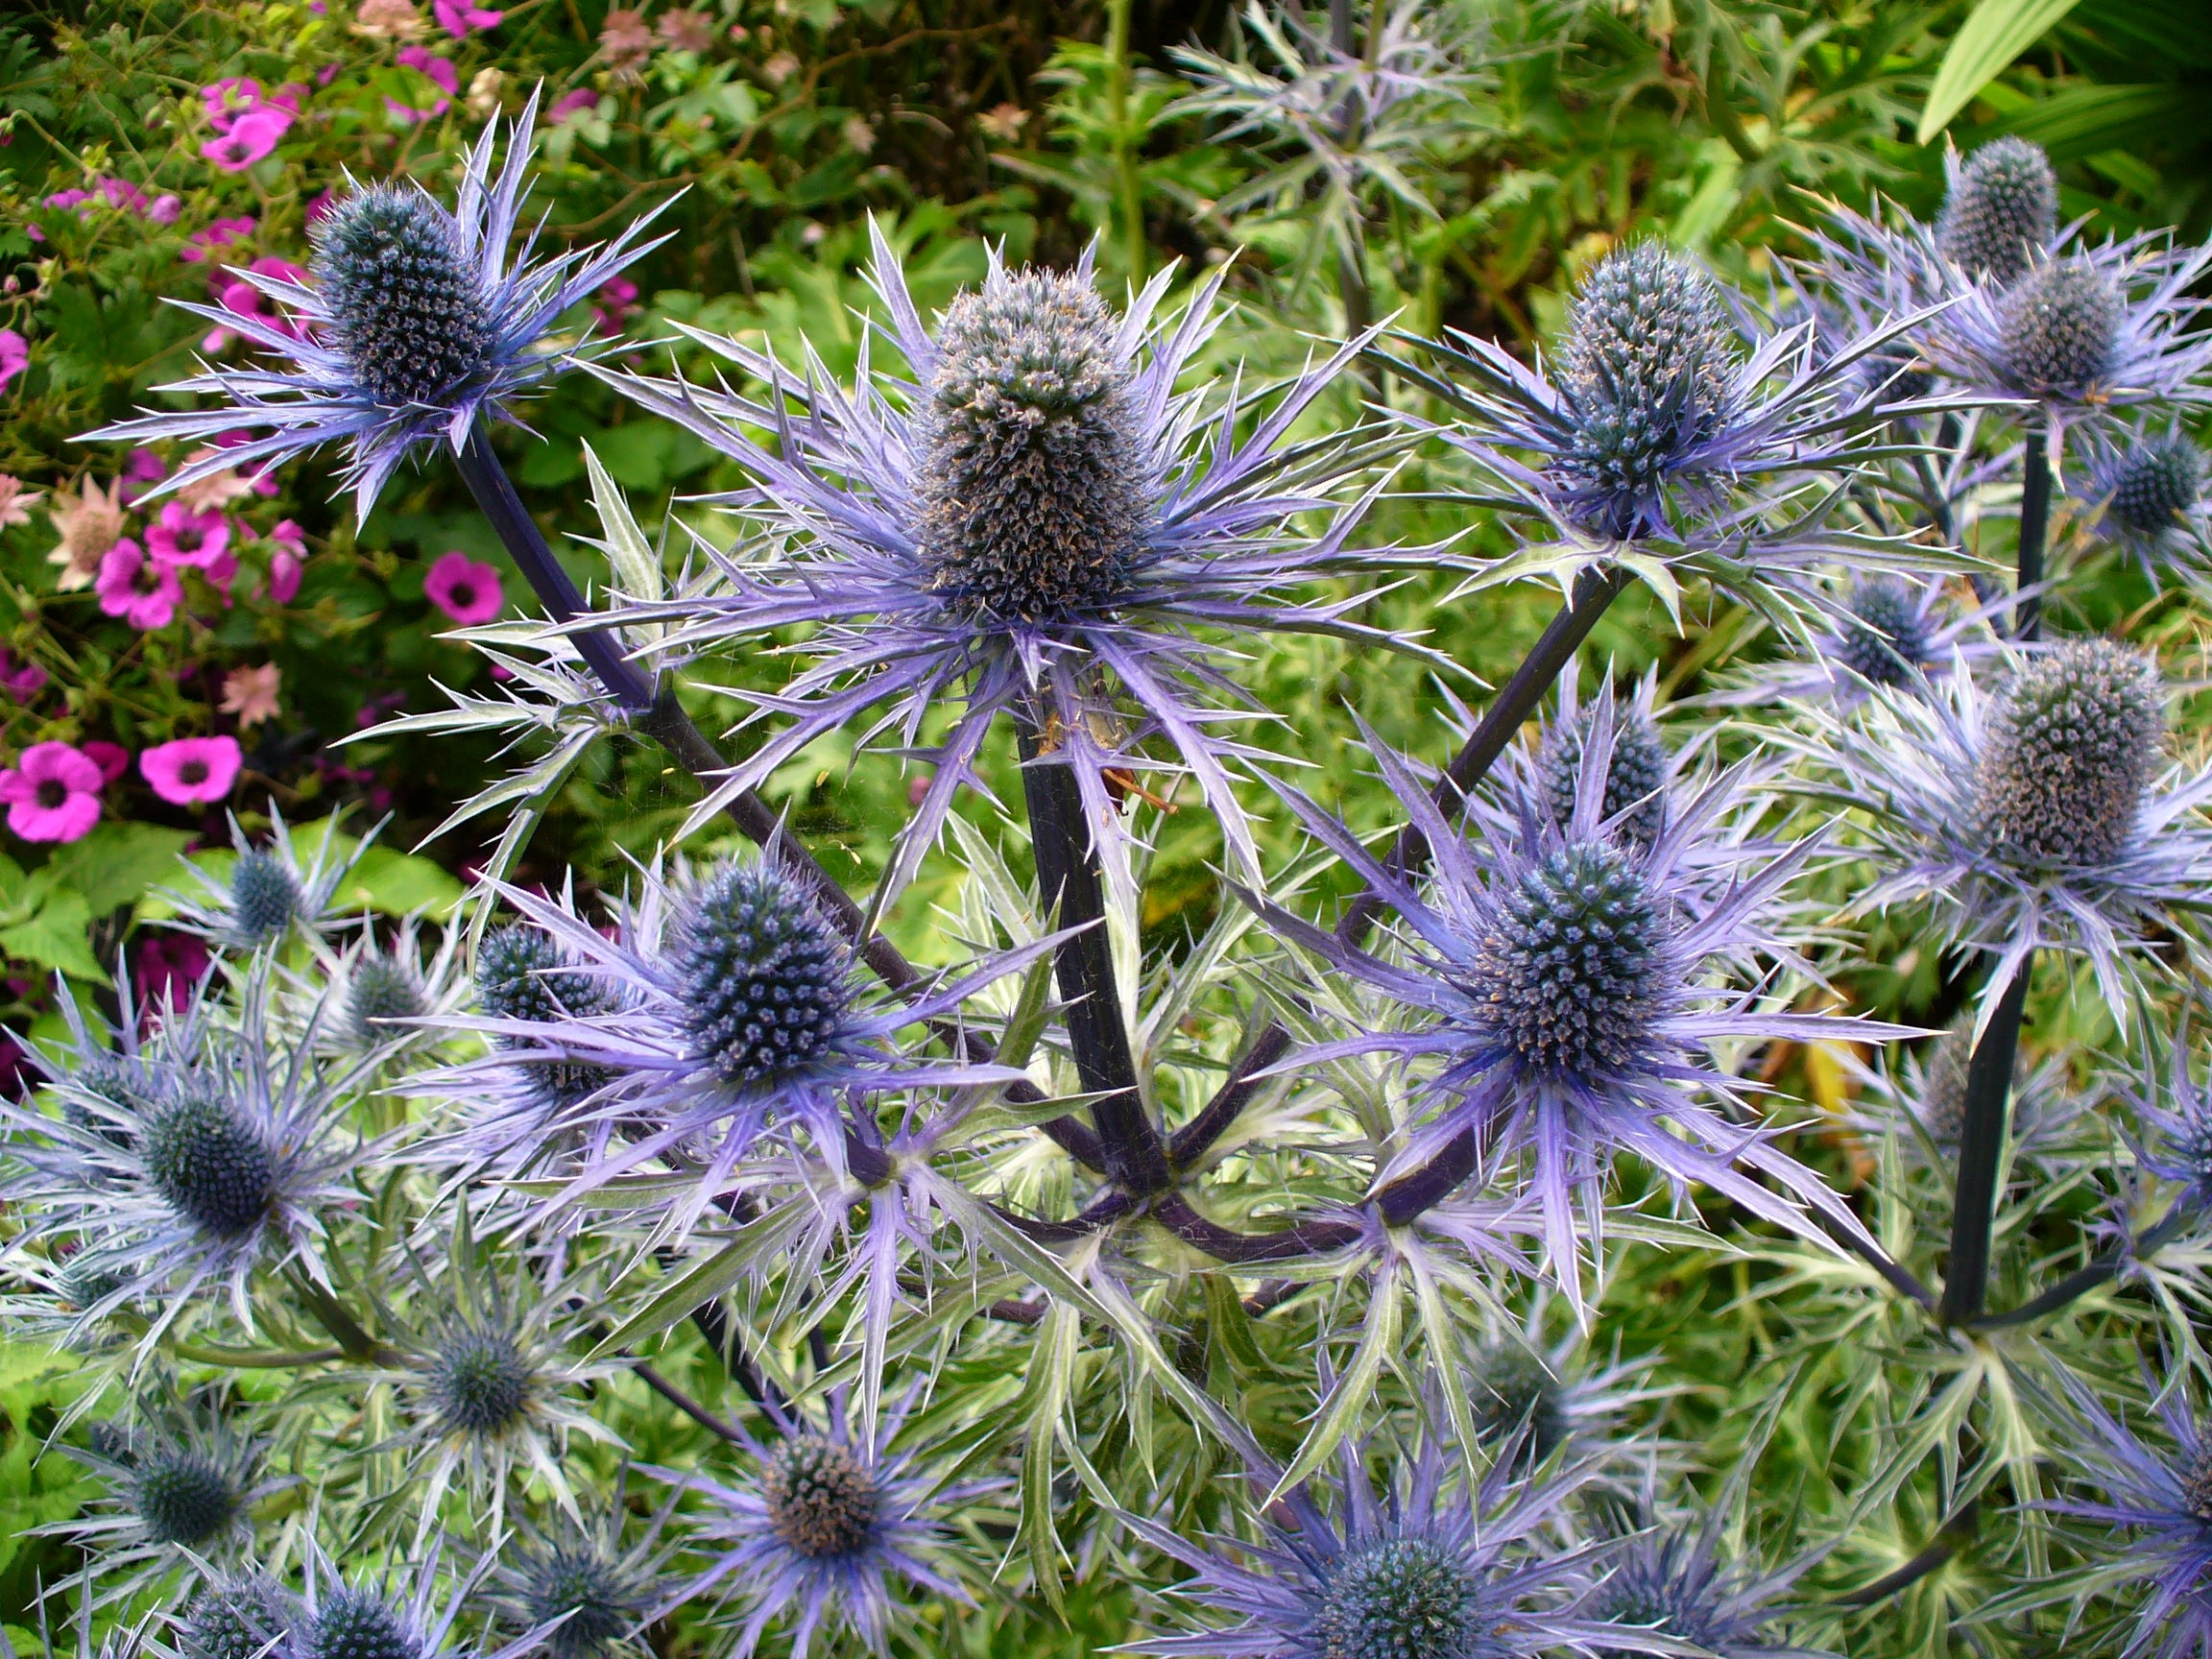 79300 Salvapantallas y fondos de pantalla Flores en tu teléfono. Descarga imágenes de Naturaleza, Cardo, Planta, Flores gratis